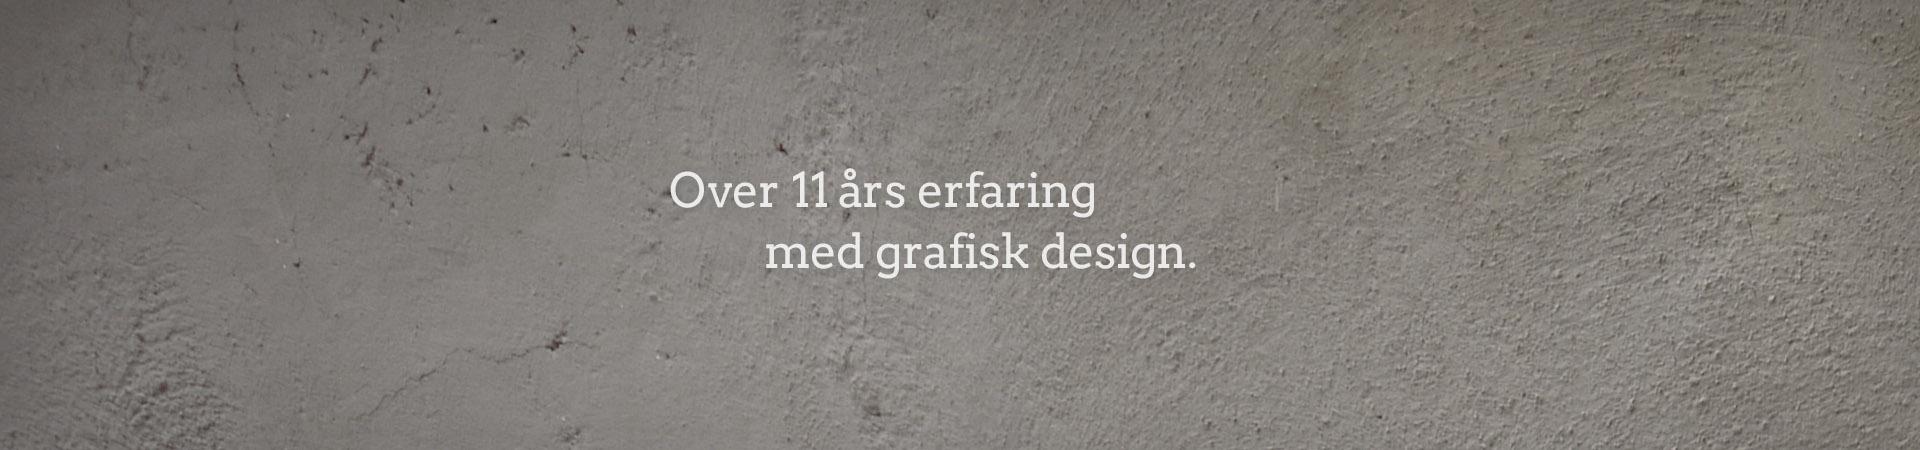 Borettidesign_Slider_tekst_11aar_erfaring